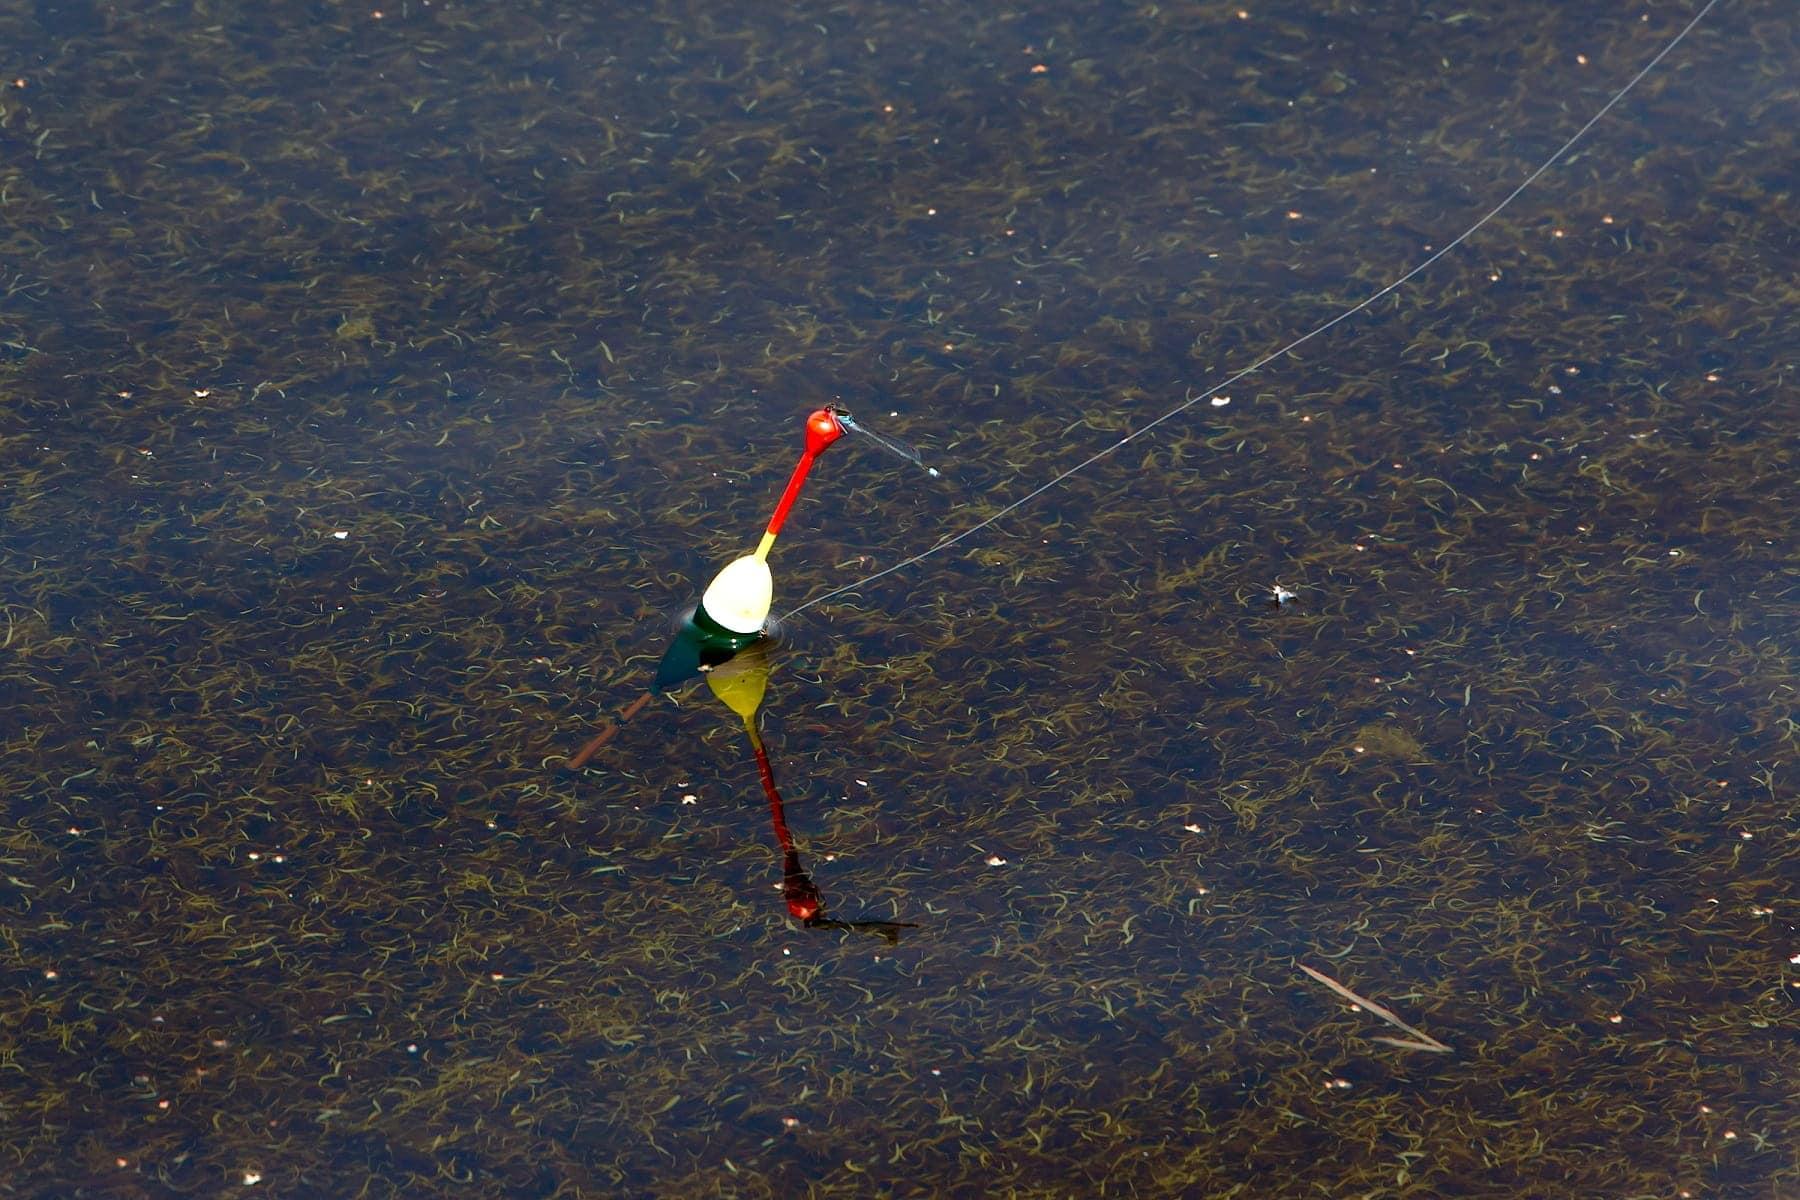 Как оснастить маховую поплавочную удочку начинающему рыболову